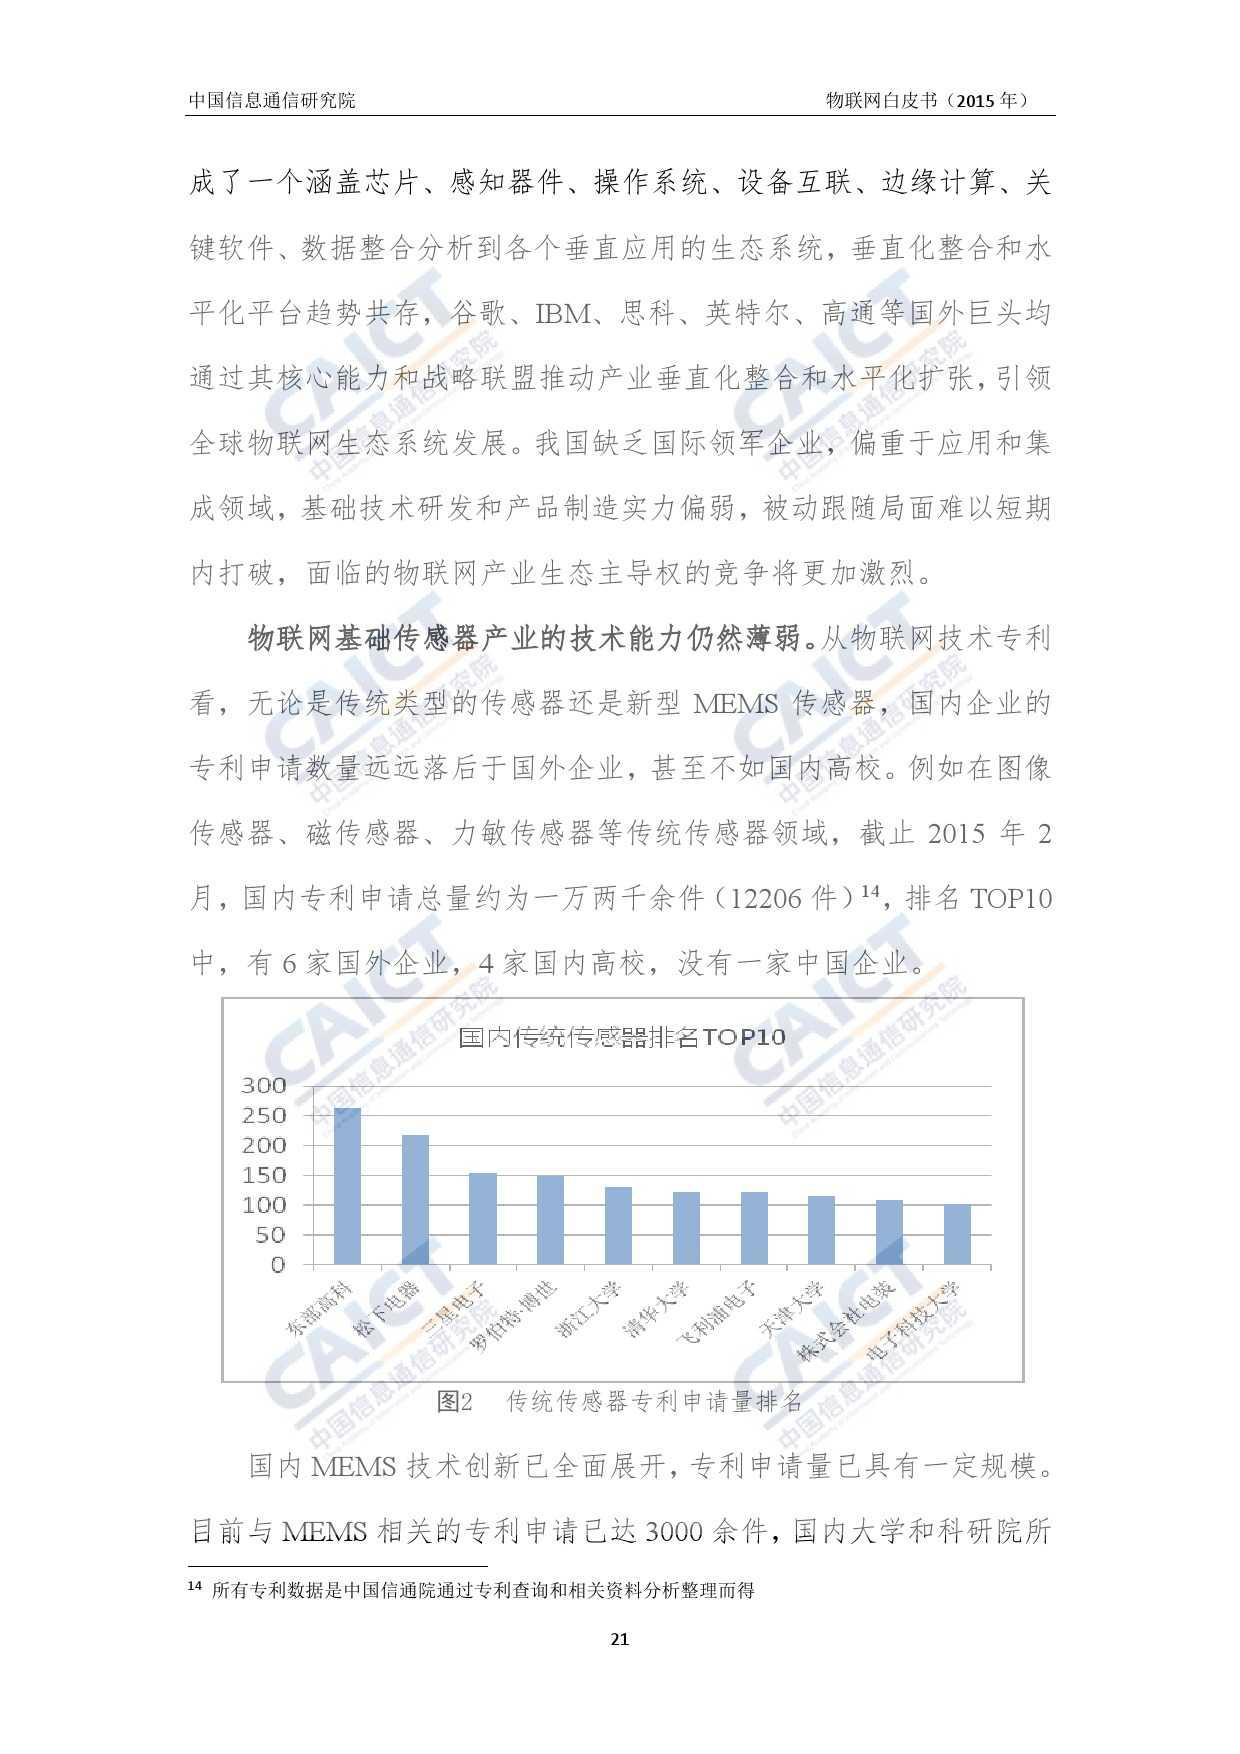 中国信息通信研究院:2015年物联网白皮书_000025